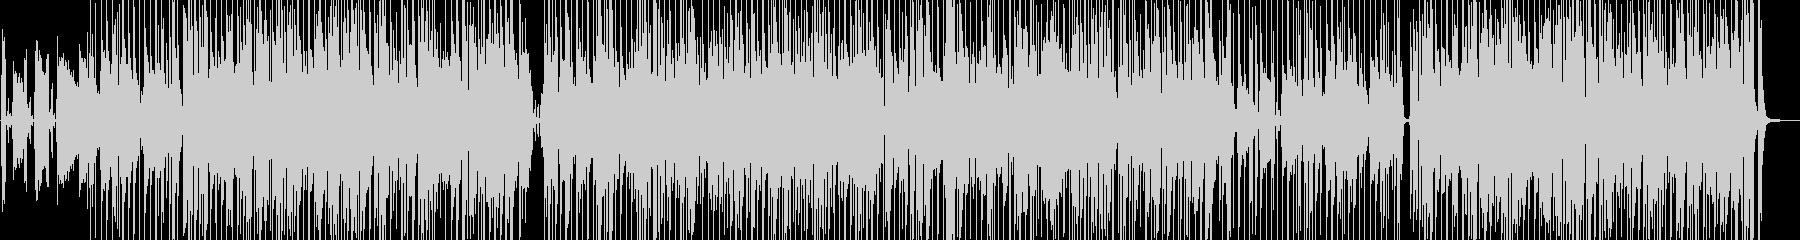 サラサラ ジャズ ほのぼの 幸せ ...の未再生の波形